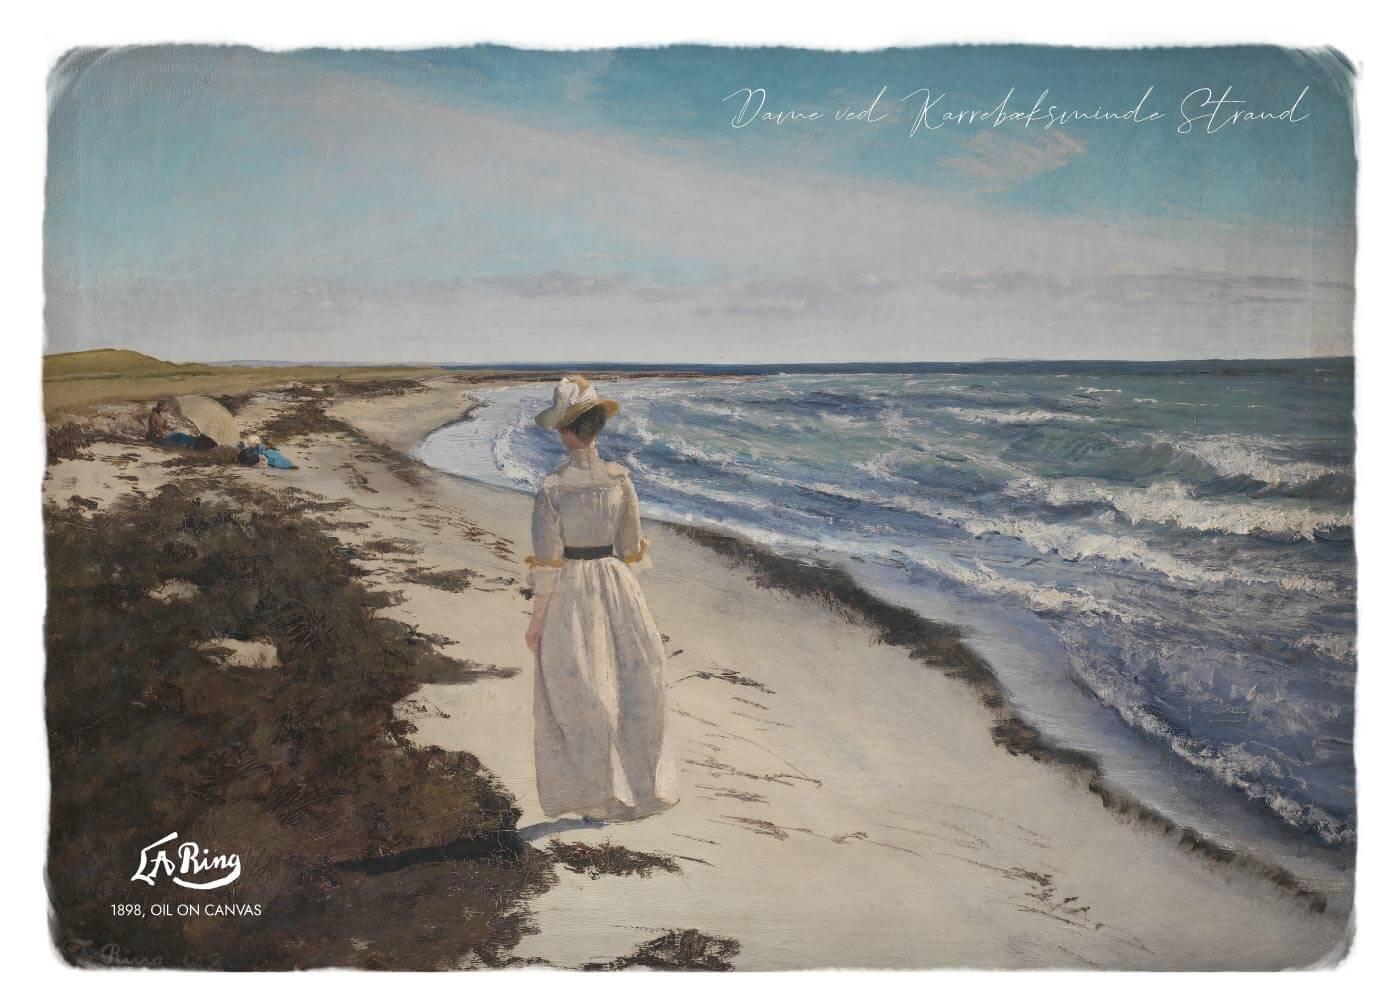 Billede af Dame ved Karrebæksminde Strand - L.A. Ring